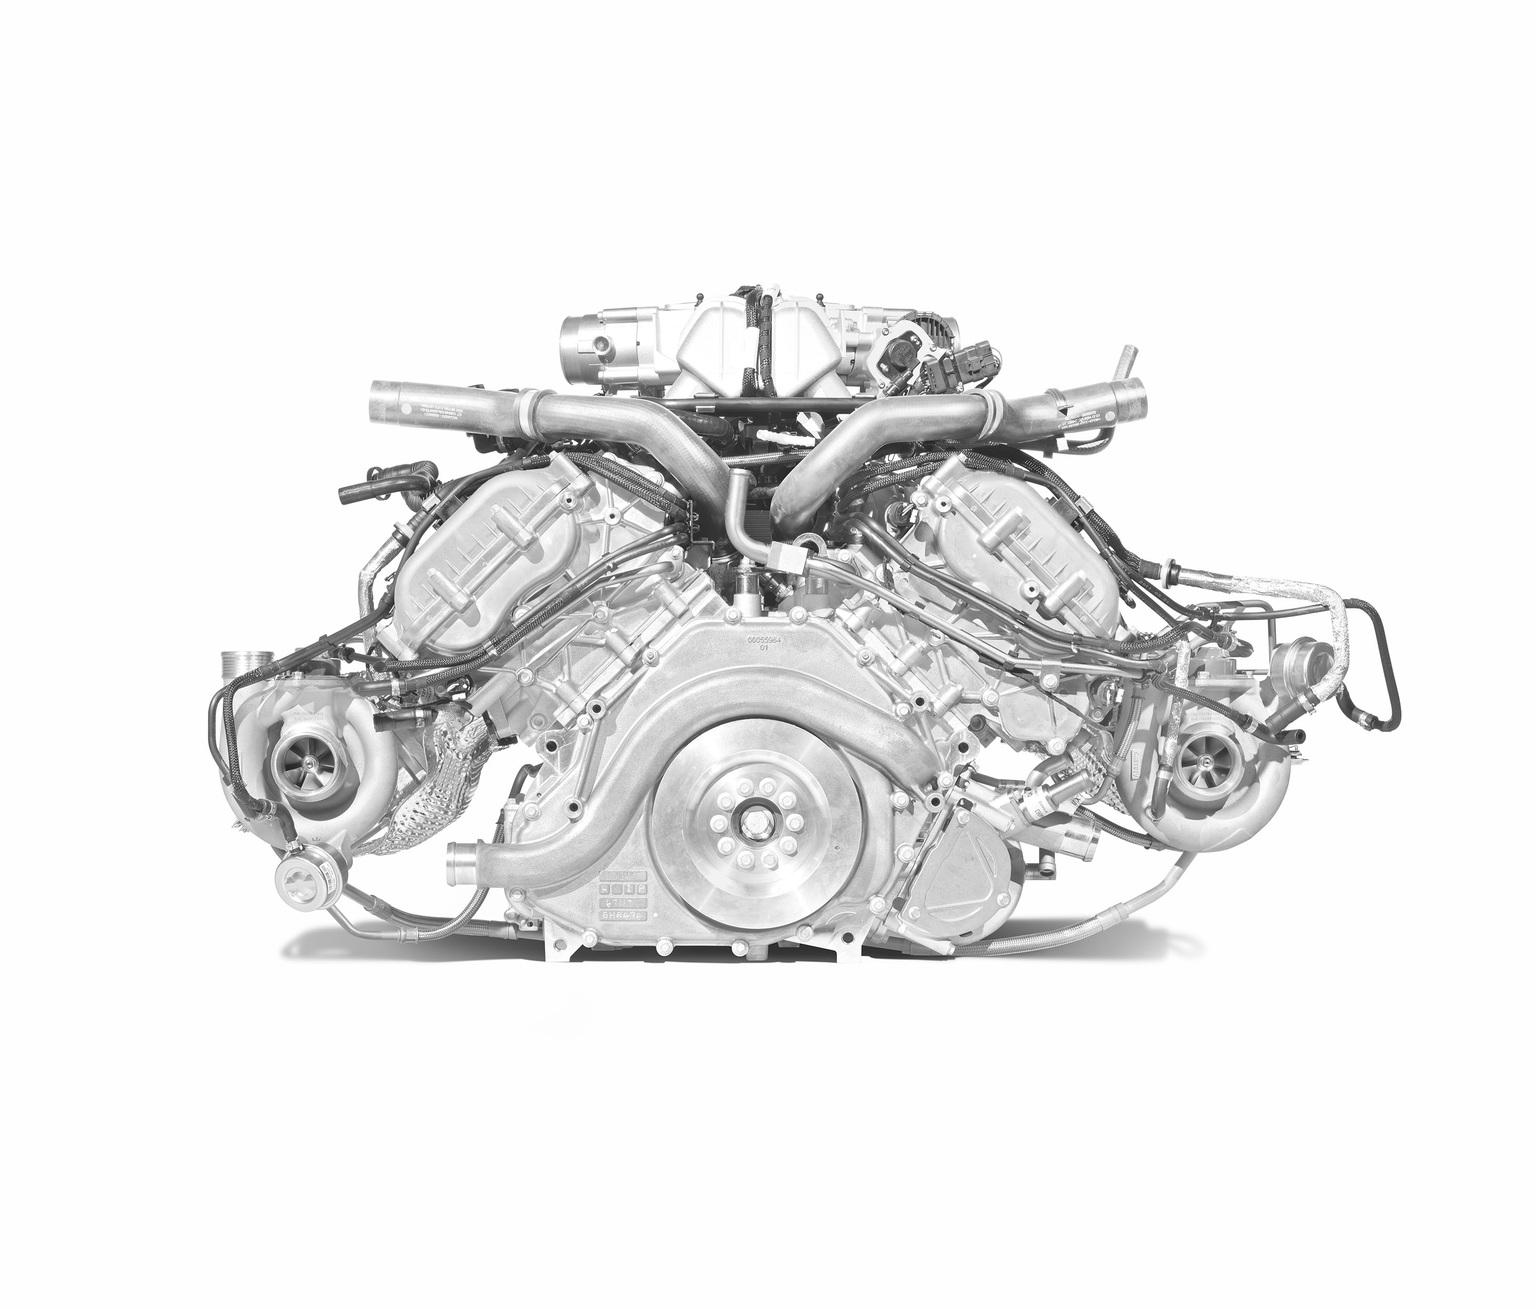 hight resolution of mclaren p1 engine diagram diagram database reg 2013 mclaren p1 supercars net mclaren p1 engine diagram